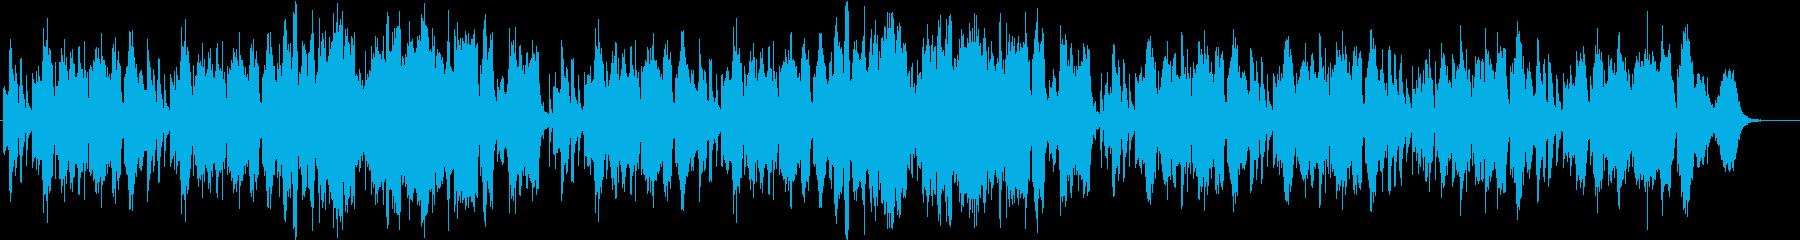 弦楽四重奏が奏でる優雅なワンダーランドの再生済みの波形